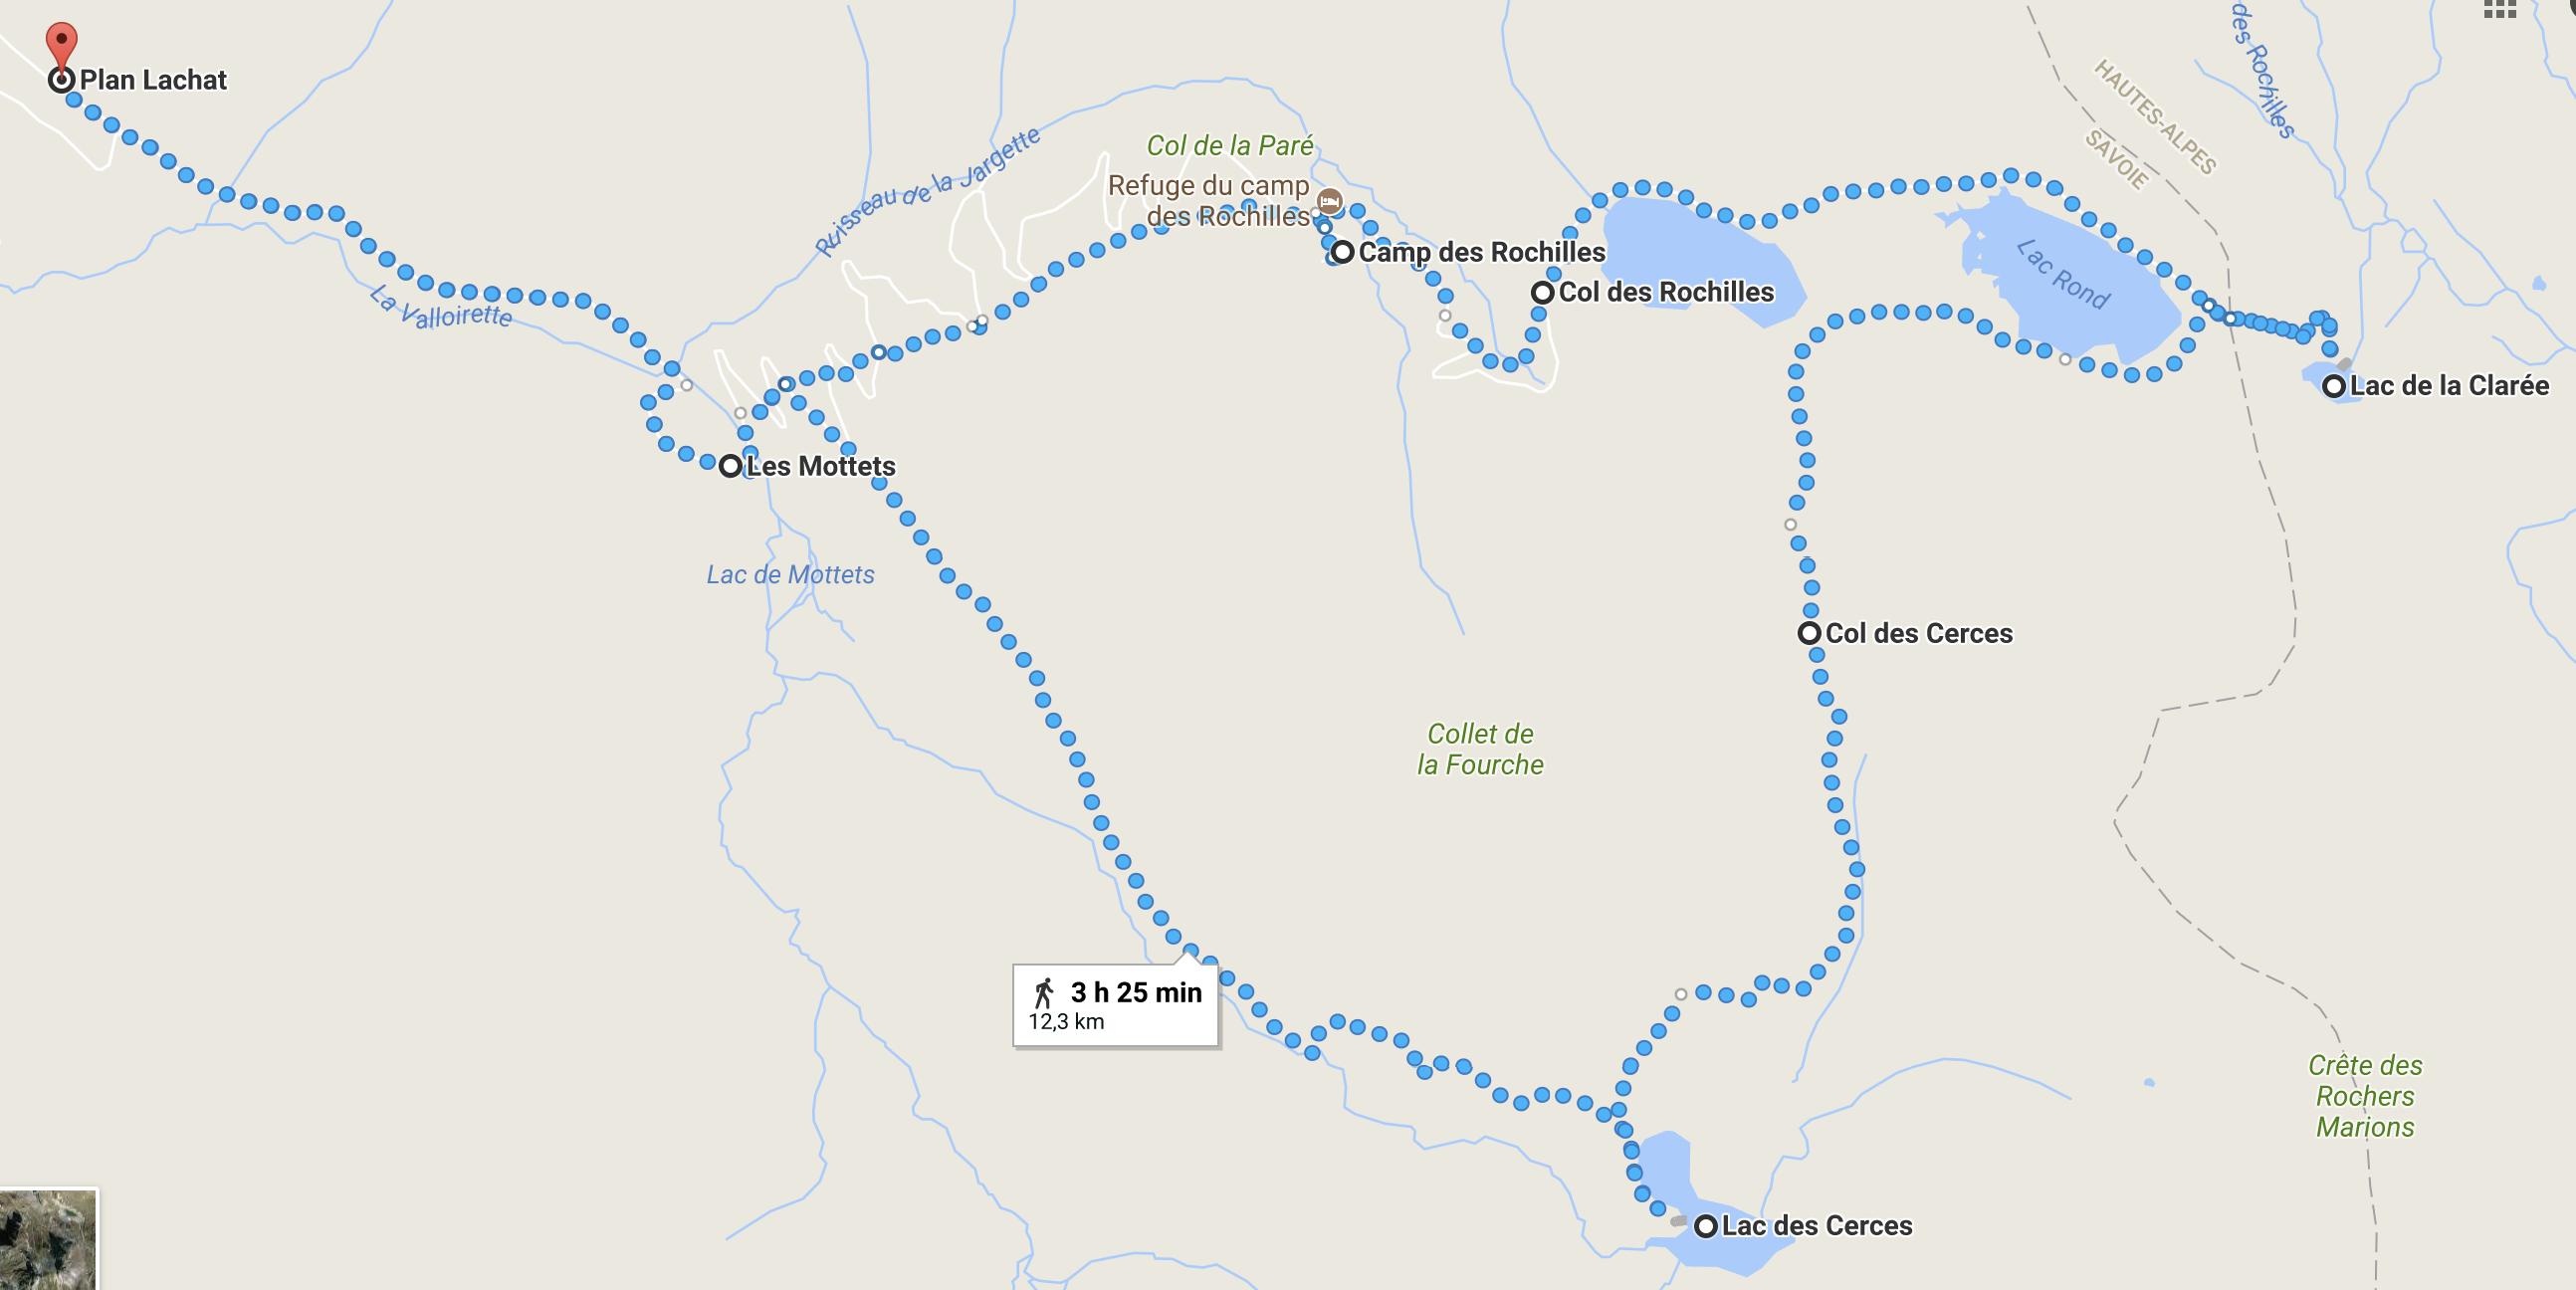 Itinéraire de la randonnée des 4 lacs - tour de la Fourche - Valloire Savoie